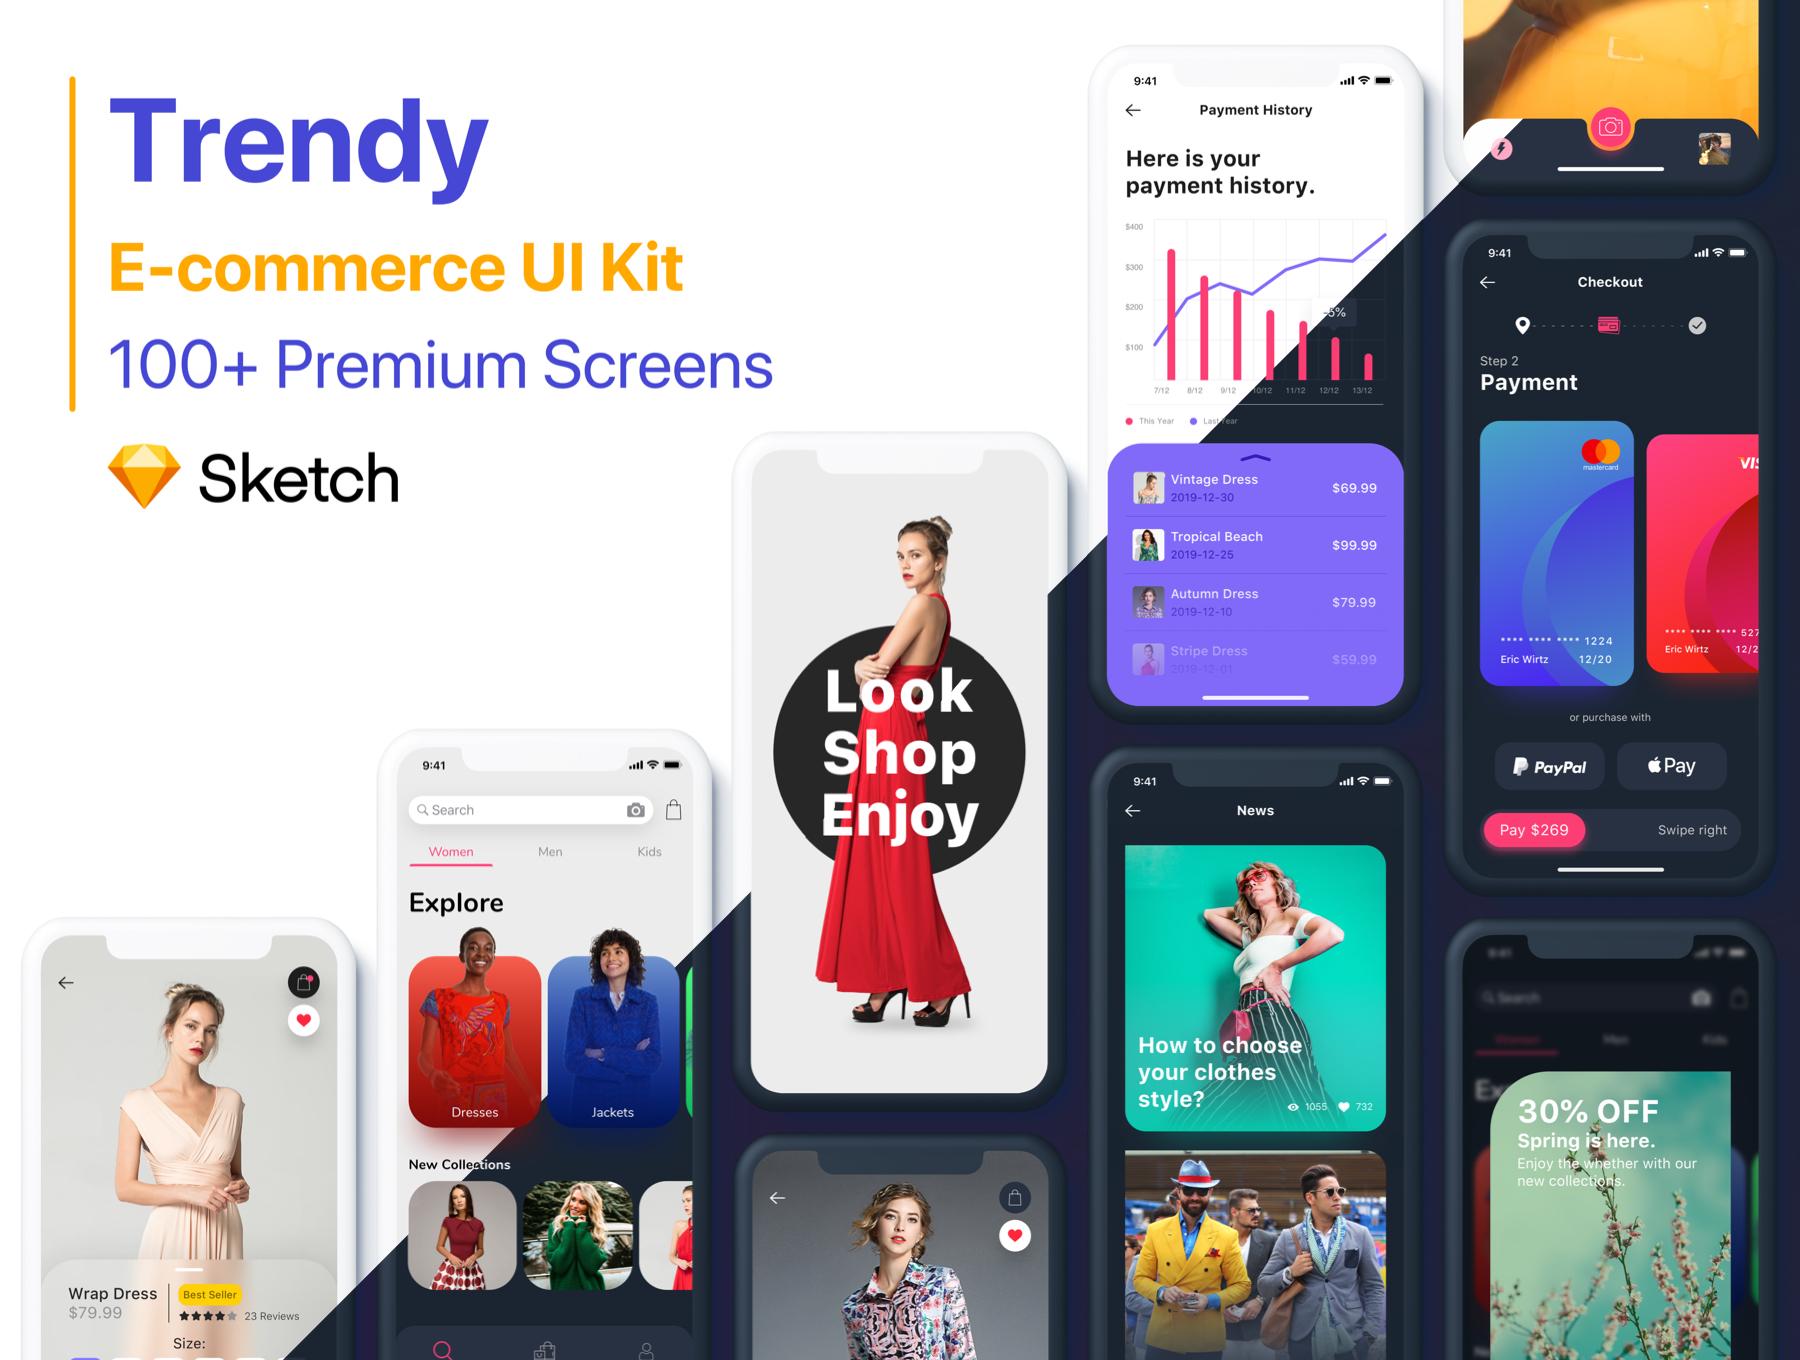 高端时尚电商APP UI KIT 套装 iOS Ui ui设计app app界面设计下载[Sketch] Trendy E-commerce UI Kit